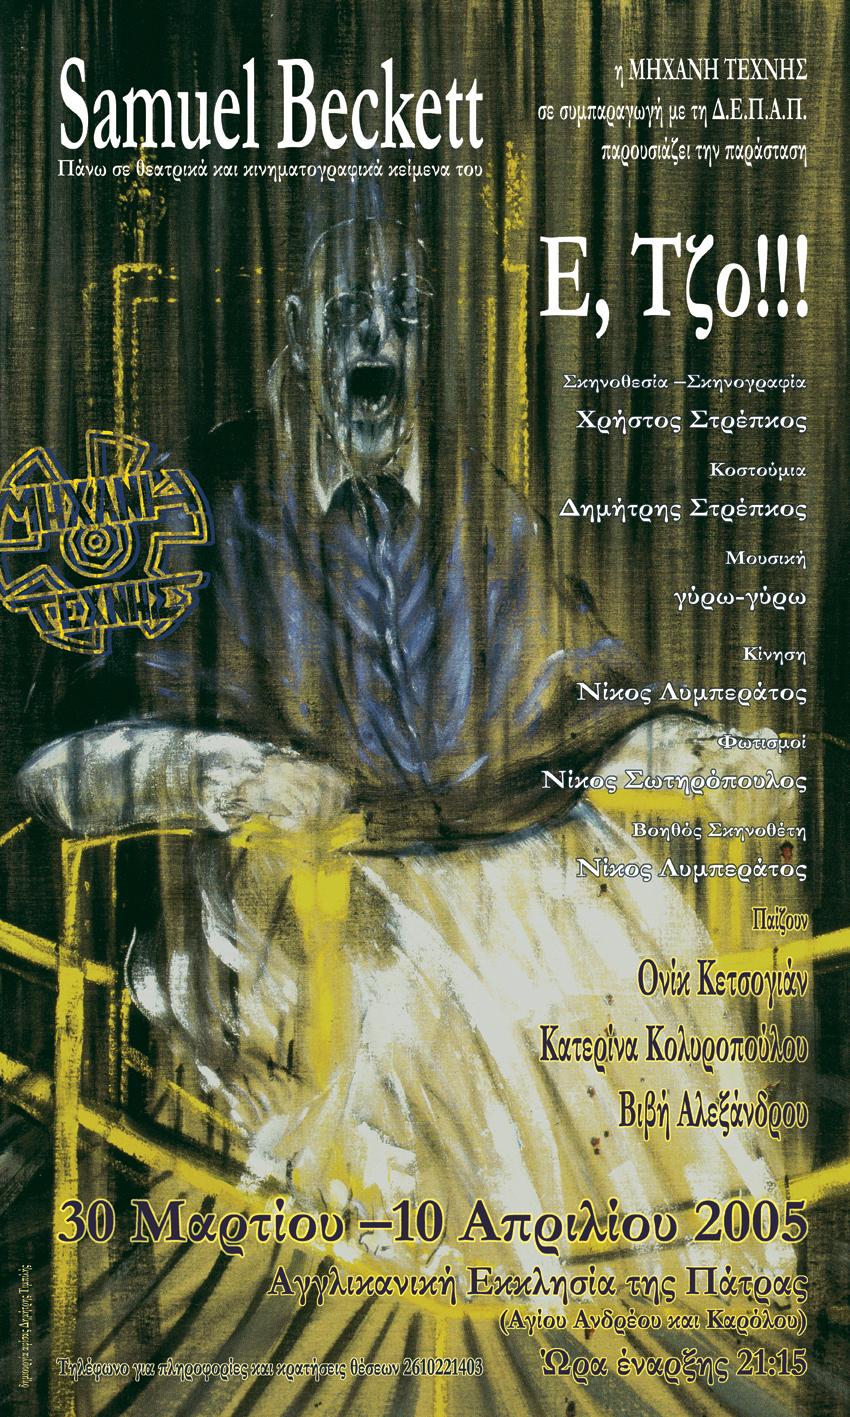 2005 Eh Joe by Samuel Beckett Poster B.jpg